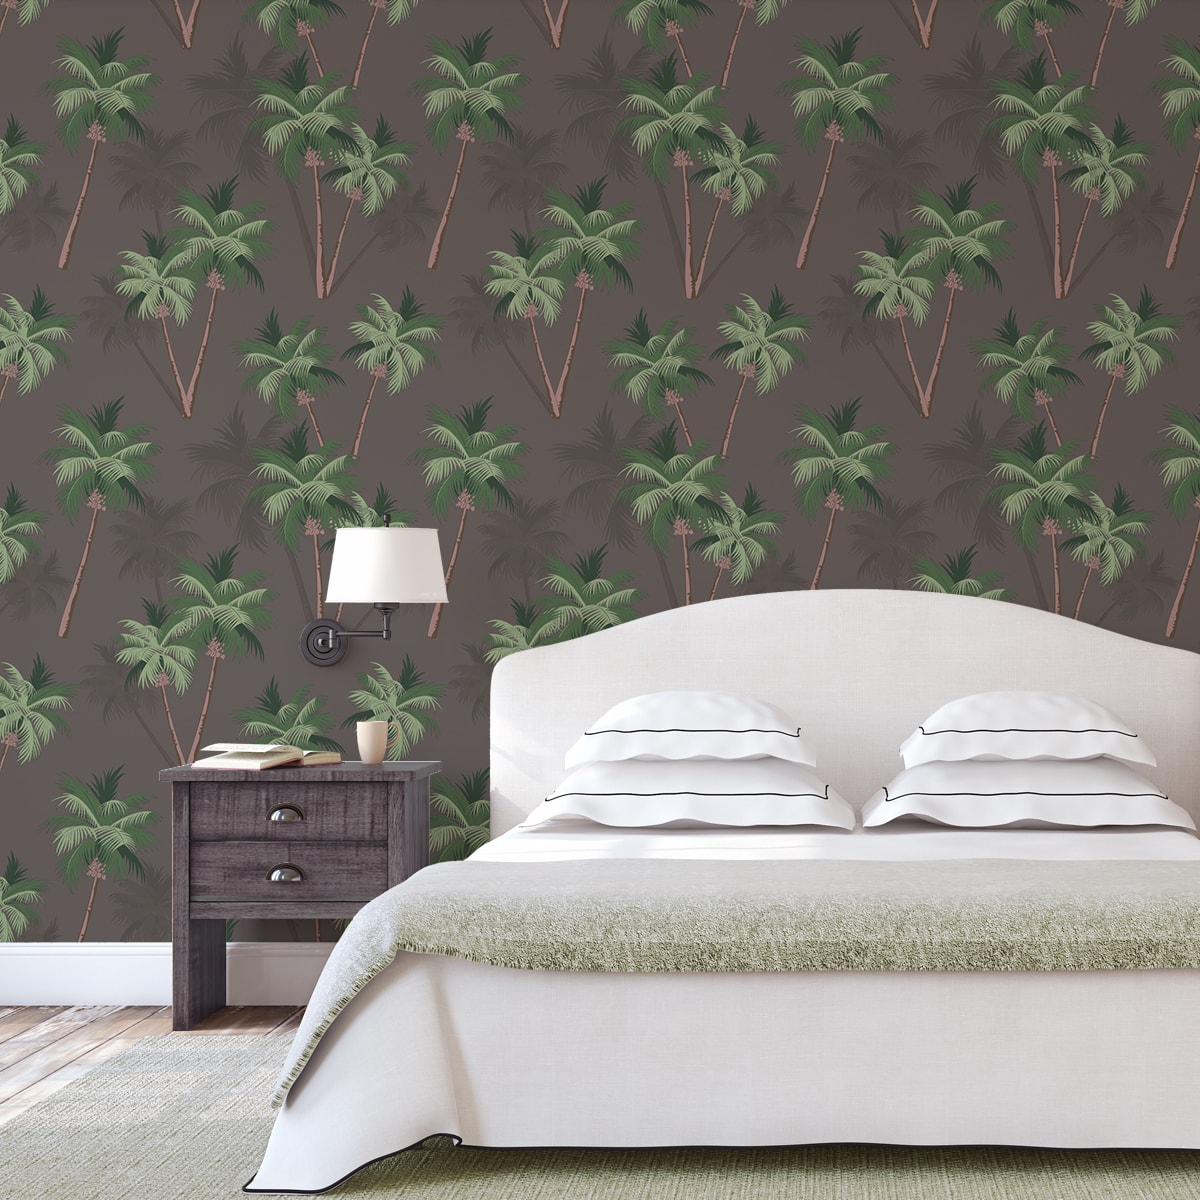 """Üppige Strand Tapete """"im Palmenhain"""" mit großen Palmen auf braun angepasst an Farrow and Ball Wandfarben- Vliestapete Natur, Blumen  2"""